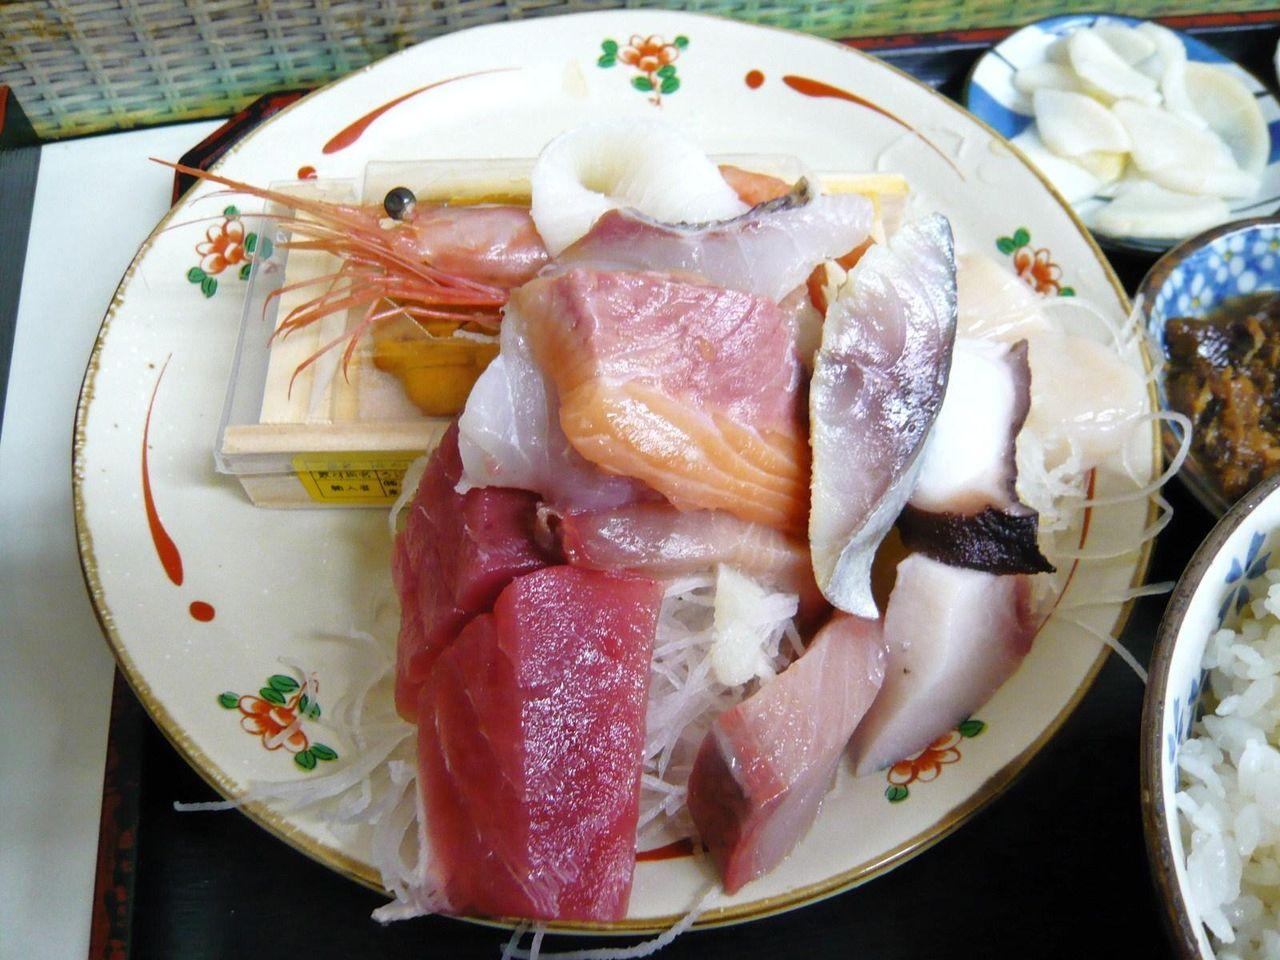 ぶつ切りの刺身を無造作に並べただけのワイルドな盛り付け!